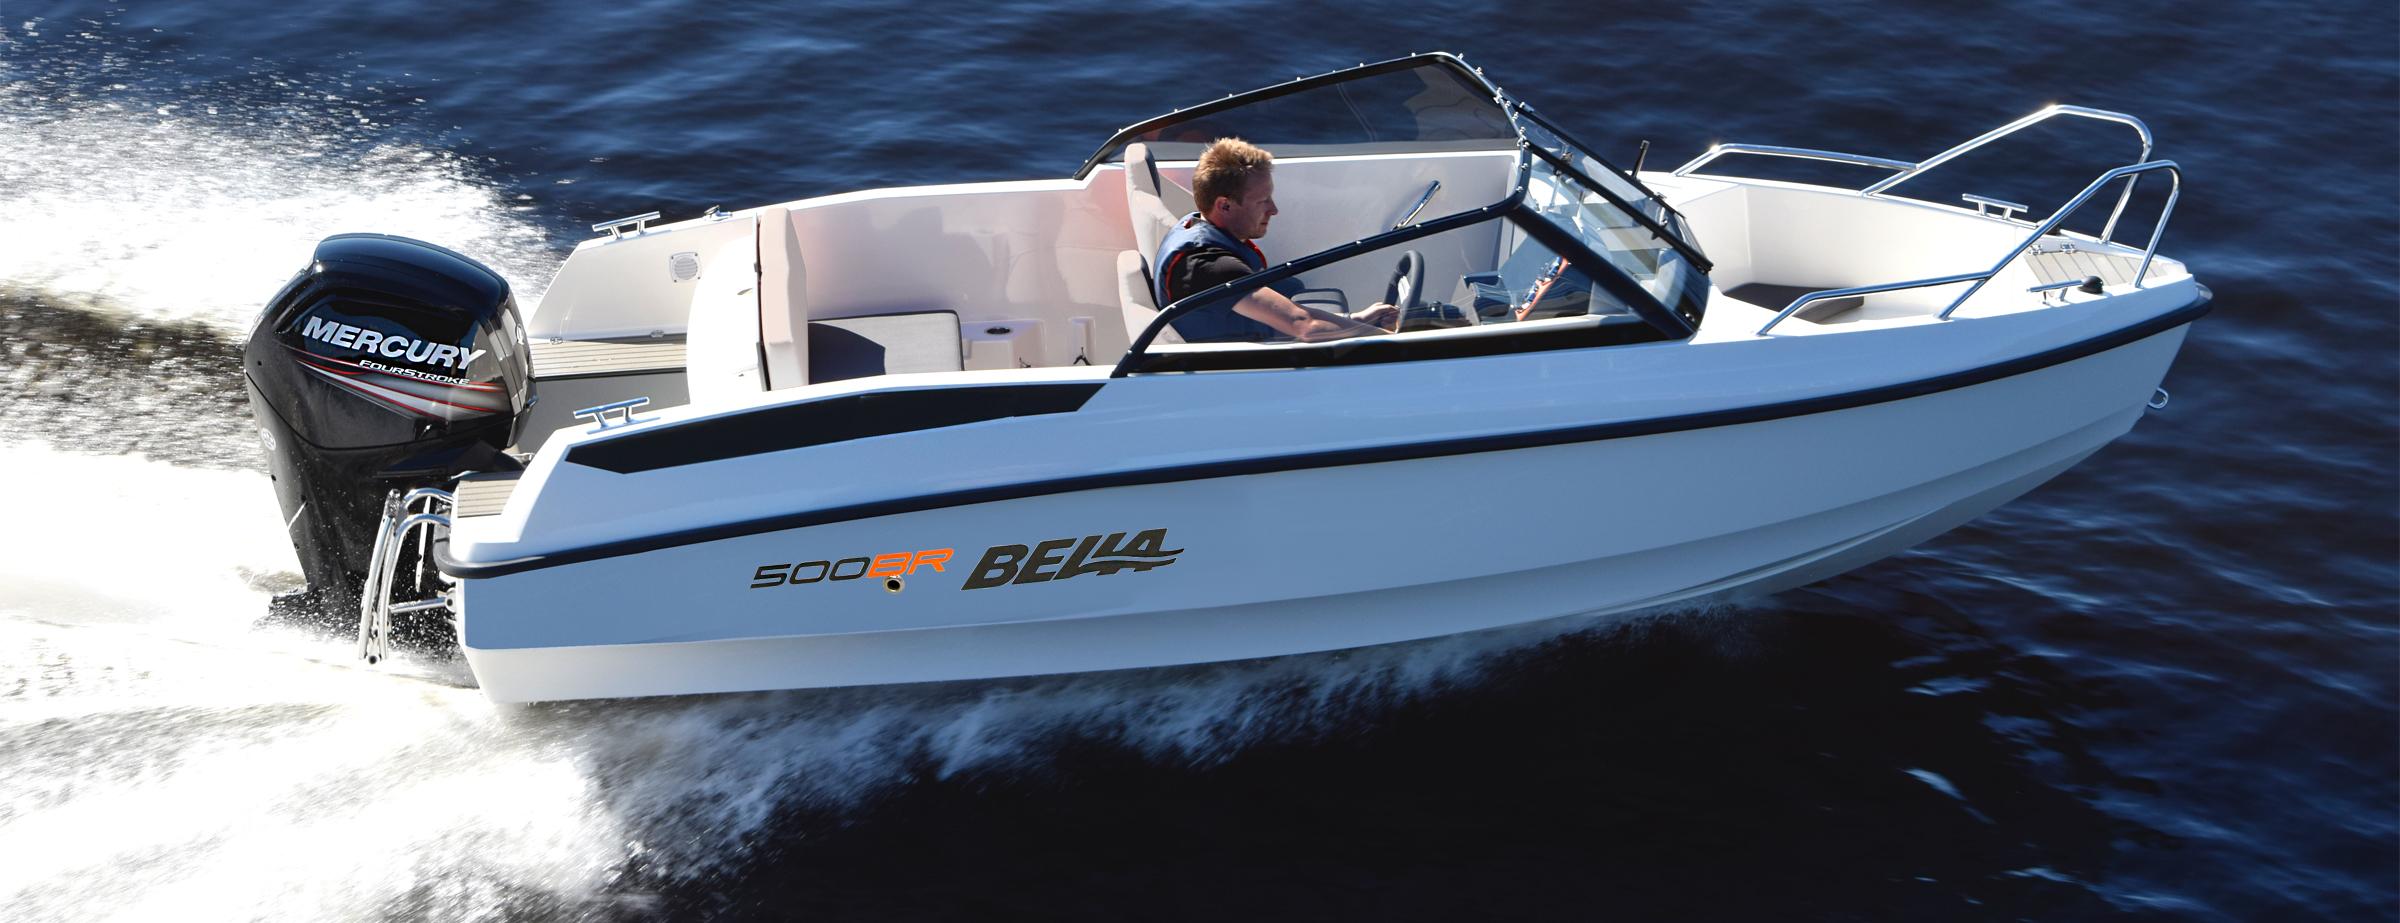 tillbehör bella båtar